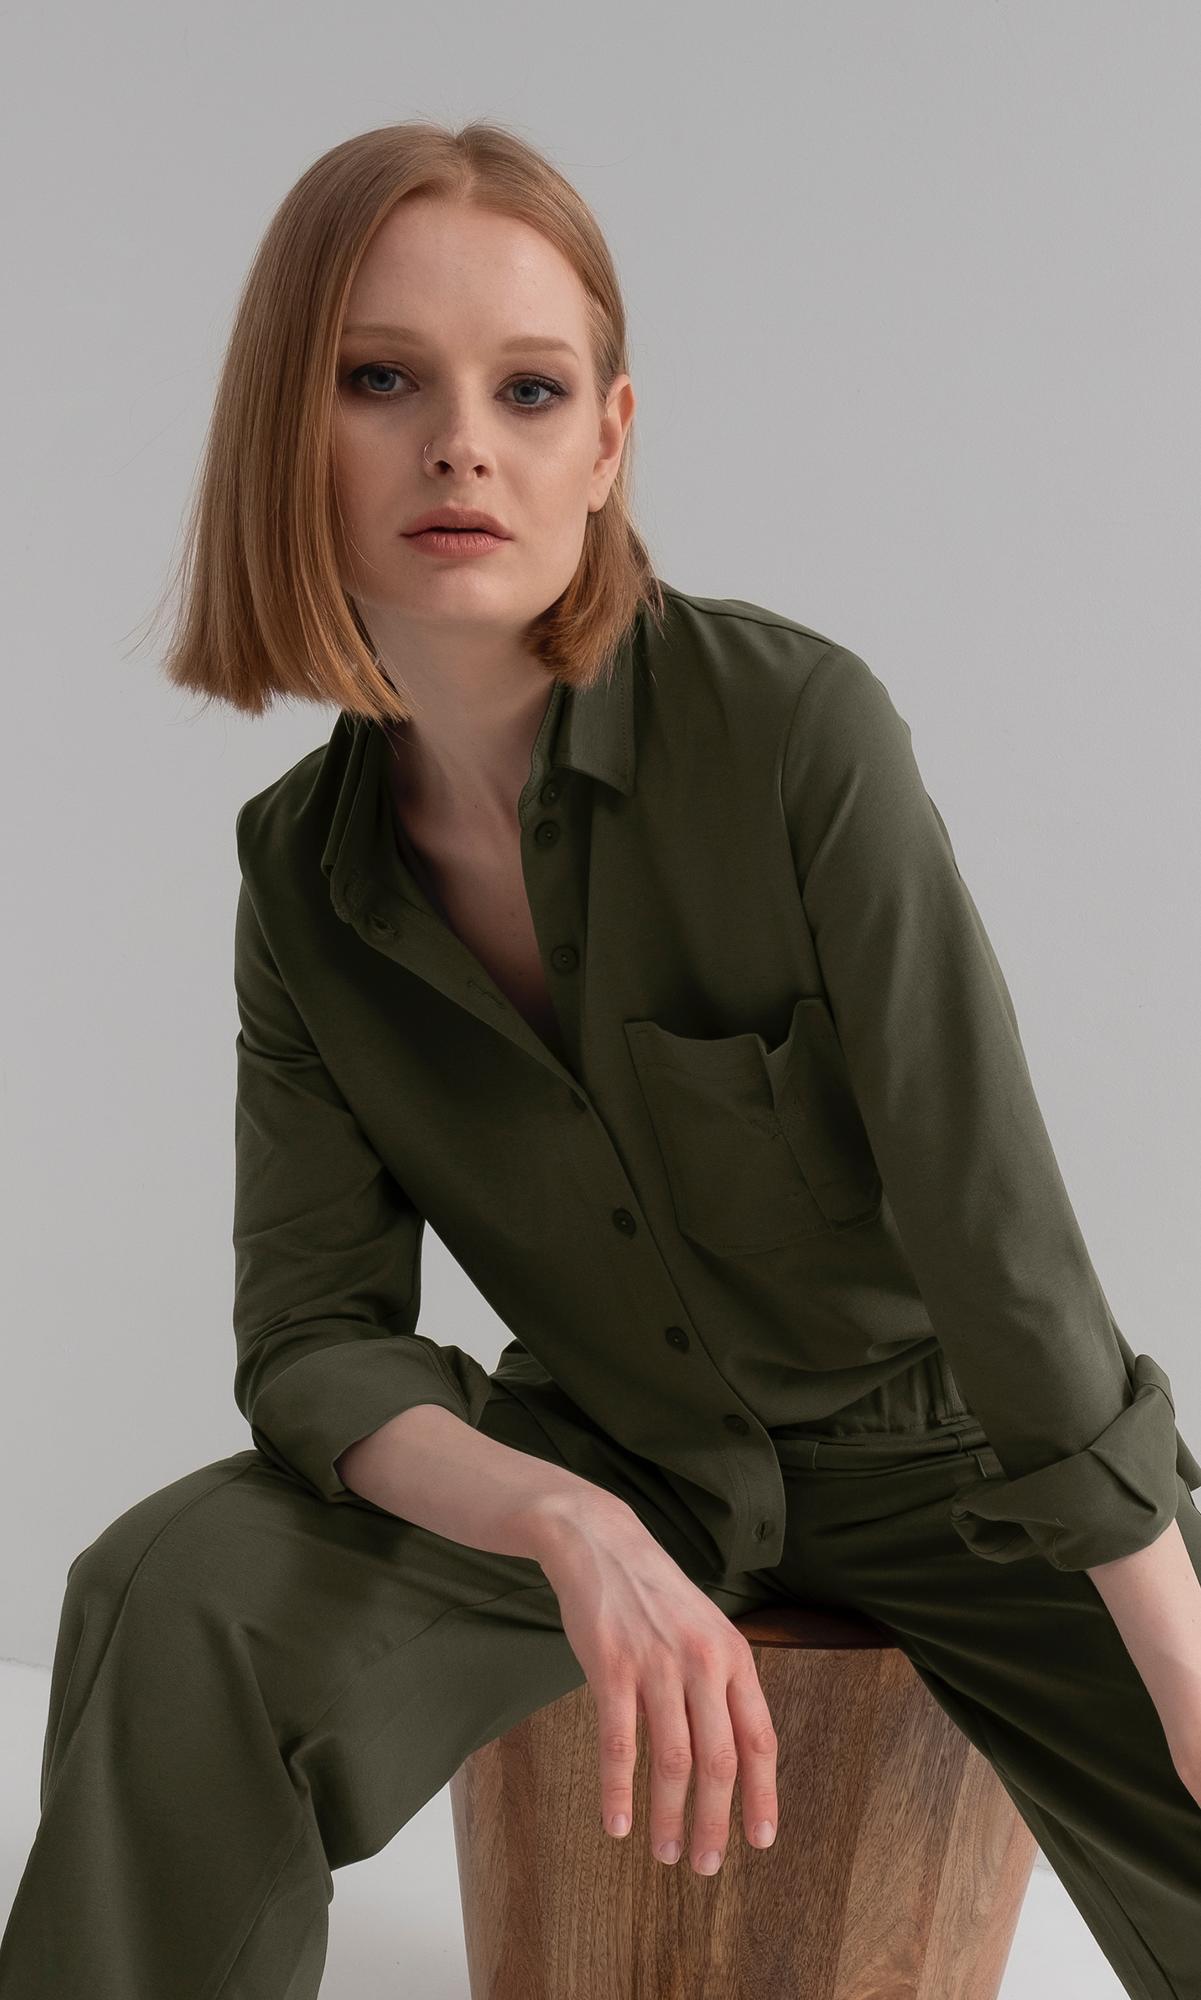 Koszula ANGELA to rodzaj minimalistycznej koszuli o luźnym fasonie, która pasuje do każdej stylizacji. koszula na stójce z kołnierzykiem na długi rękaw zakończony mankietem zapinanym na guzik na przodzie charakterystyczna duża asymetryczna kieszeń zapinana na guziki, po bokach rozcięcia wykonana z wysokogatunkowej bawełny, w dotyku jak jedwab nie trzeba jej prasować dostępny produkt do skompletowania w total look spodnie Victoria zalecane pranie w pralce na 40 stopni obroty wirowania max 700 modelka ma na sobie rozmiar S